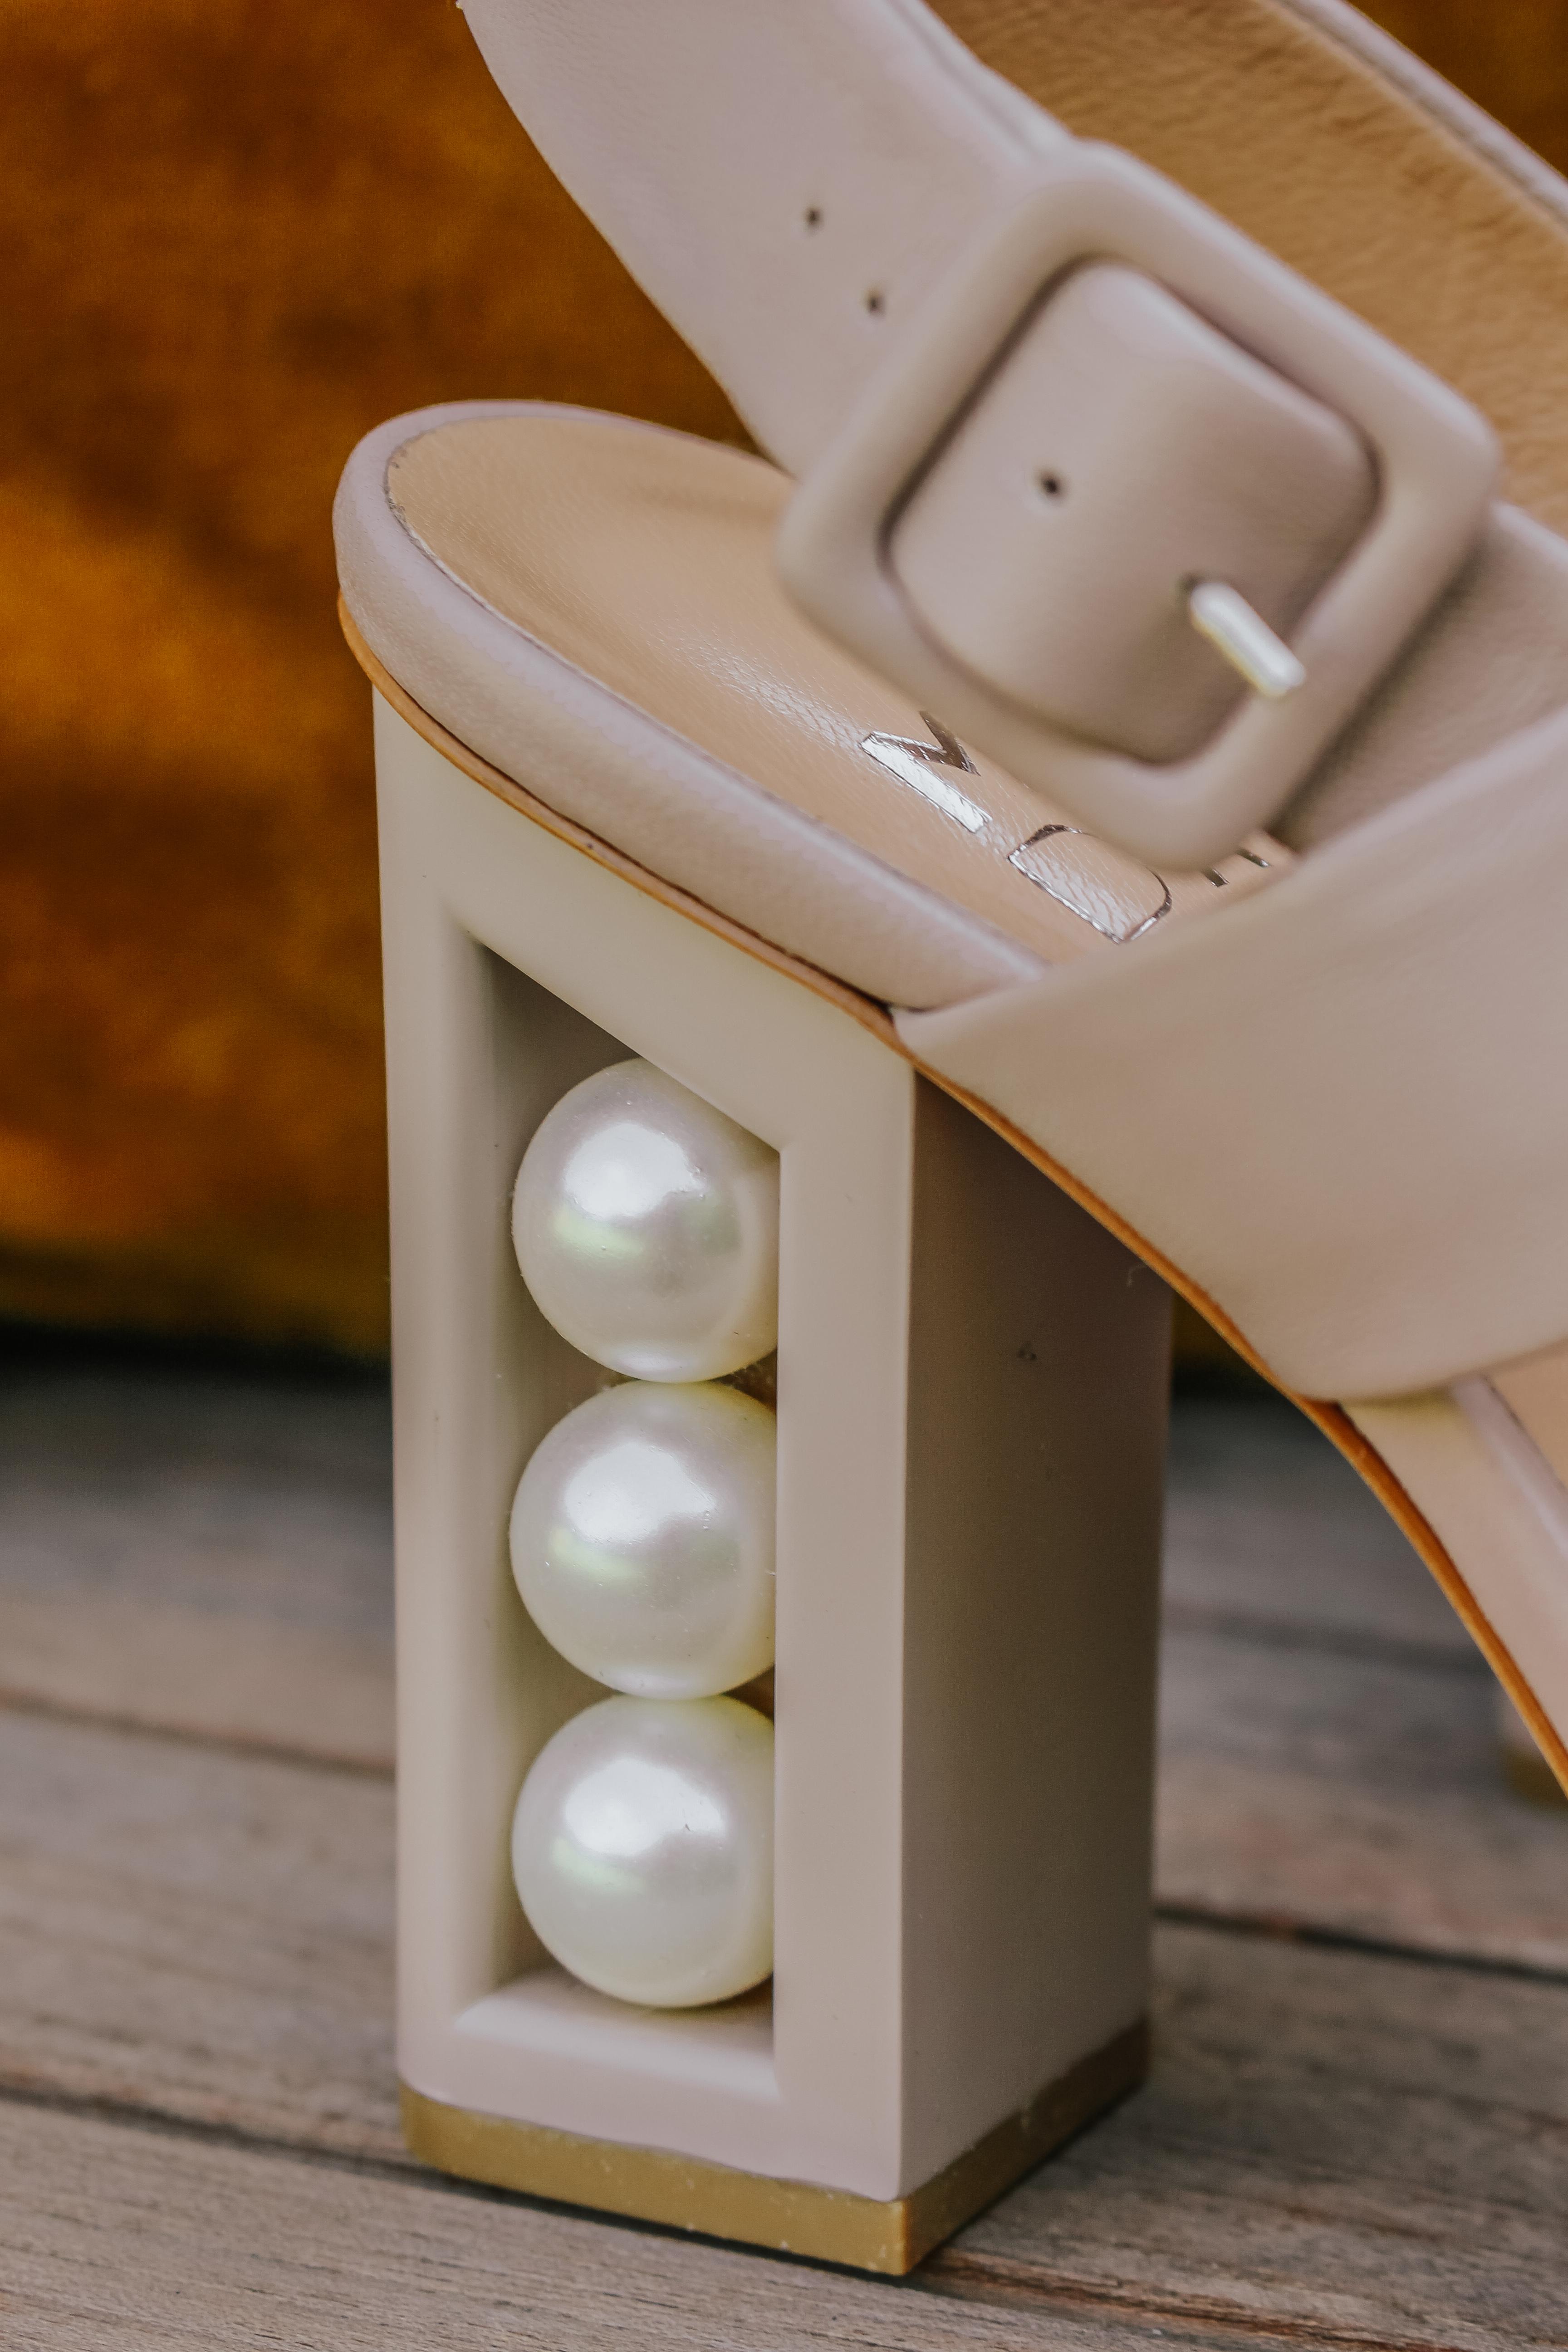 Moda in Pelle Pearl Heel Shoes